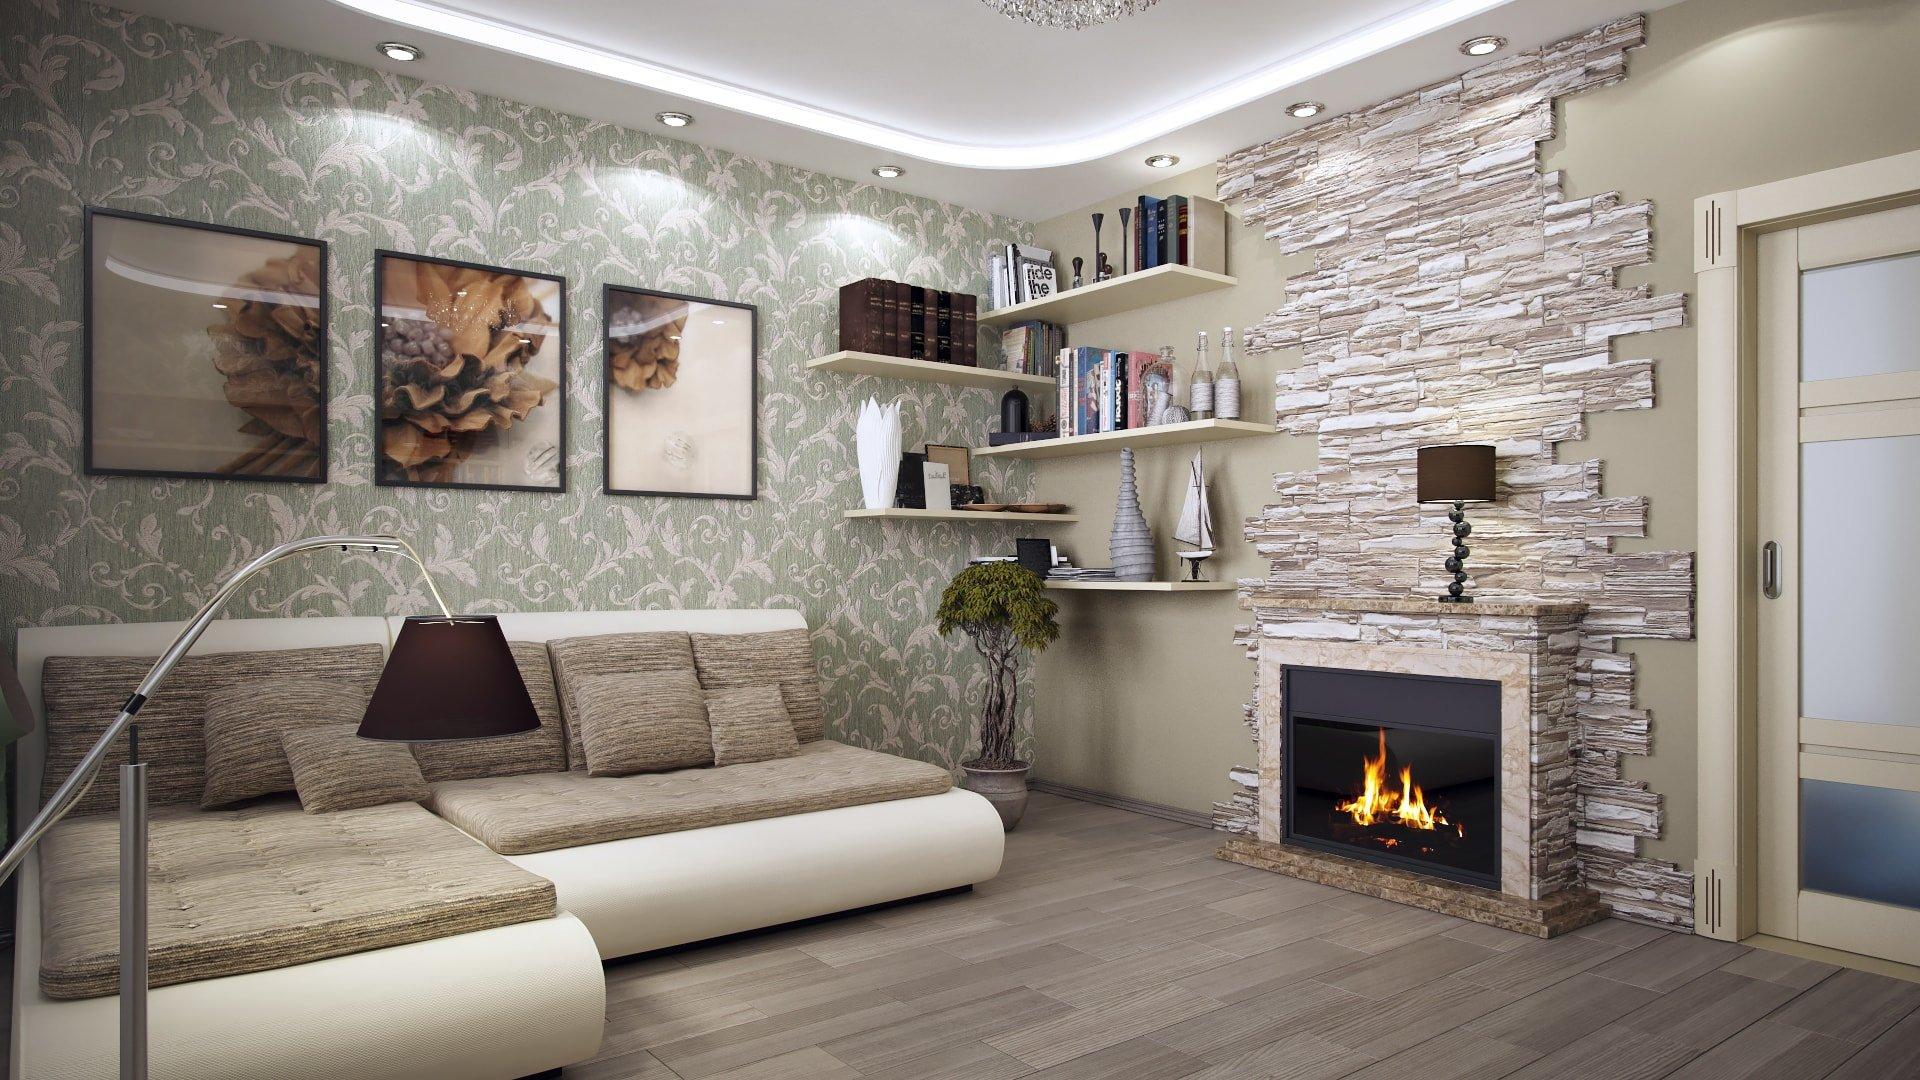 Фото дизайна интерьеров зала с обоями. | 1080x1920